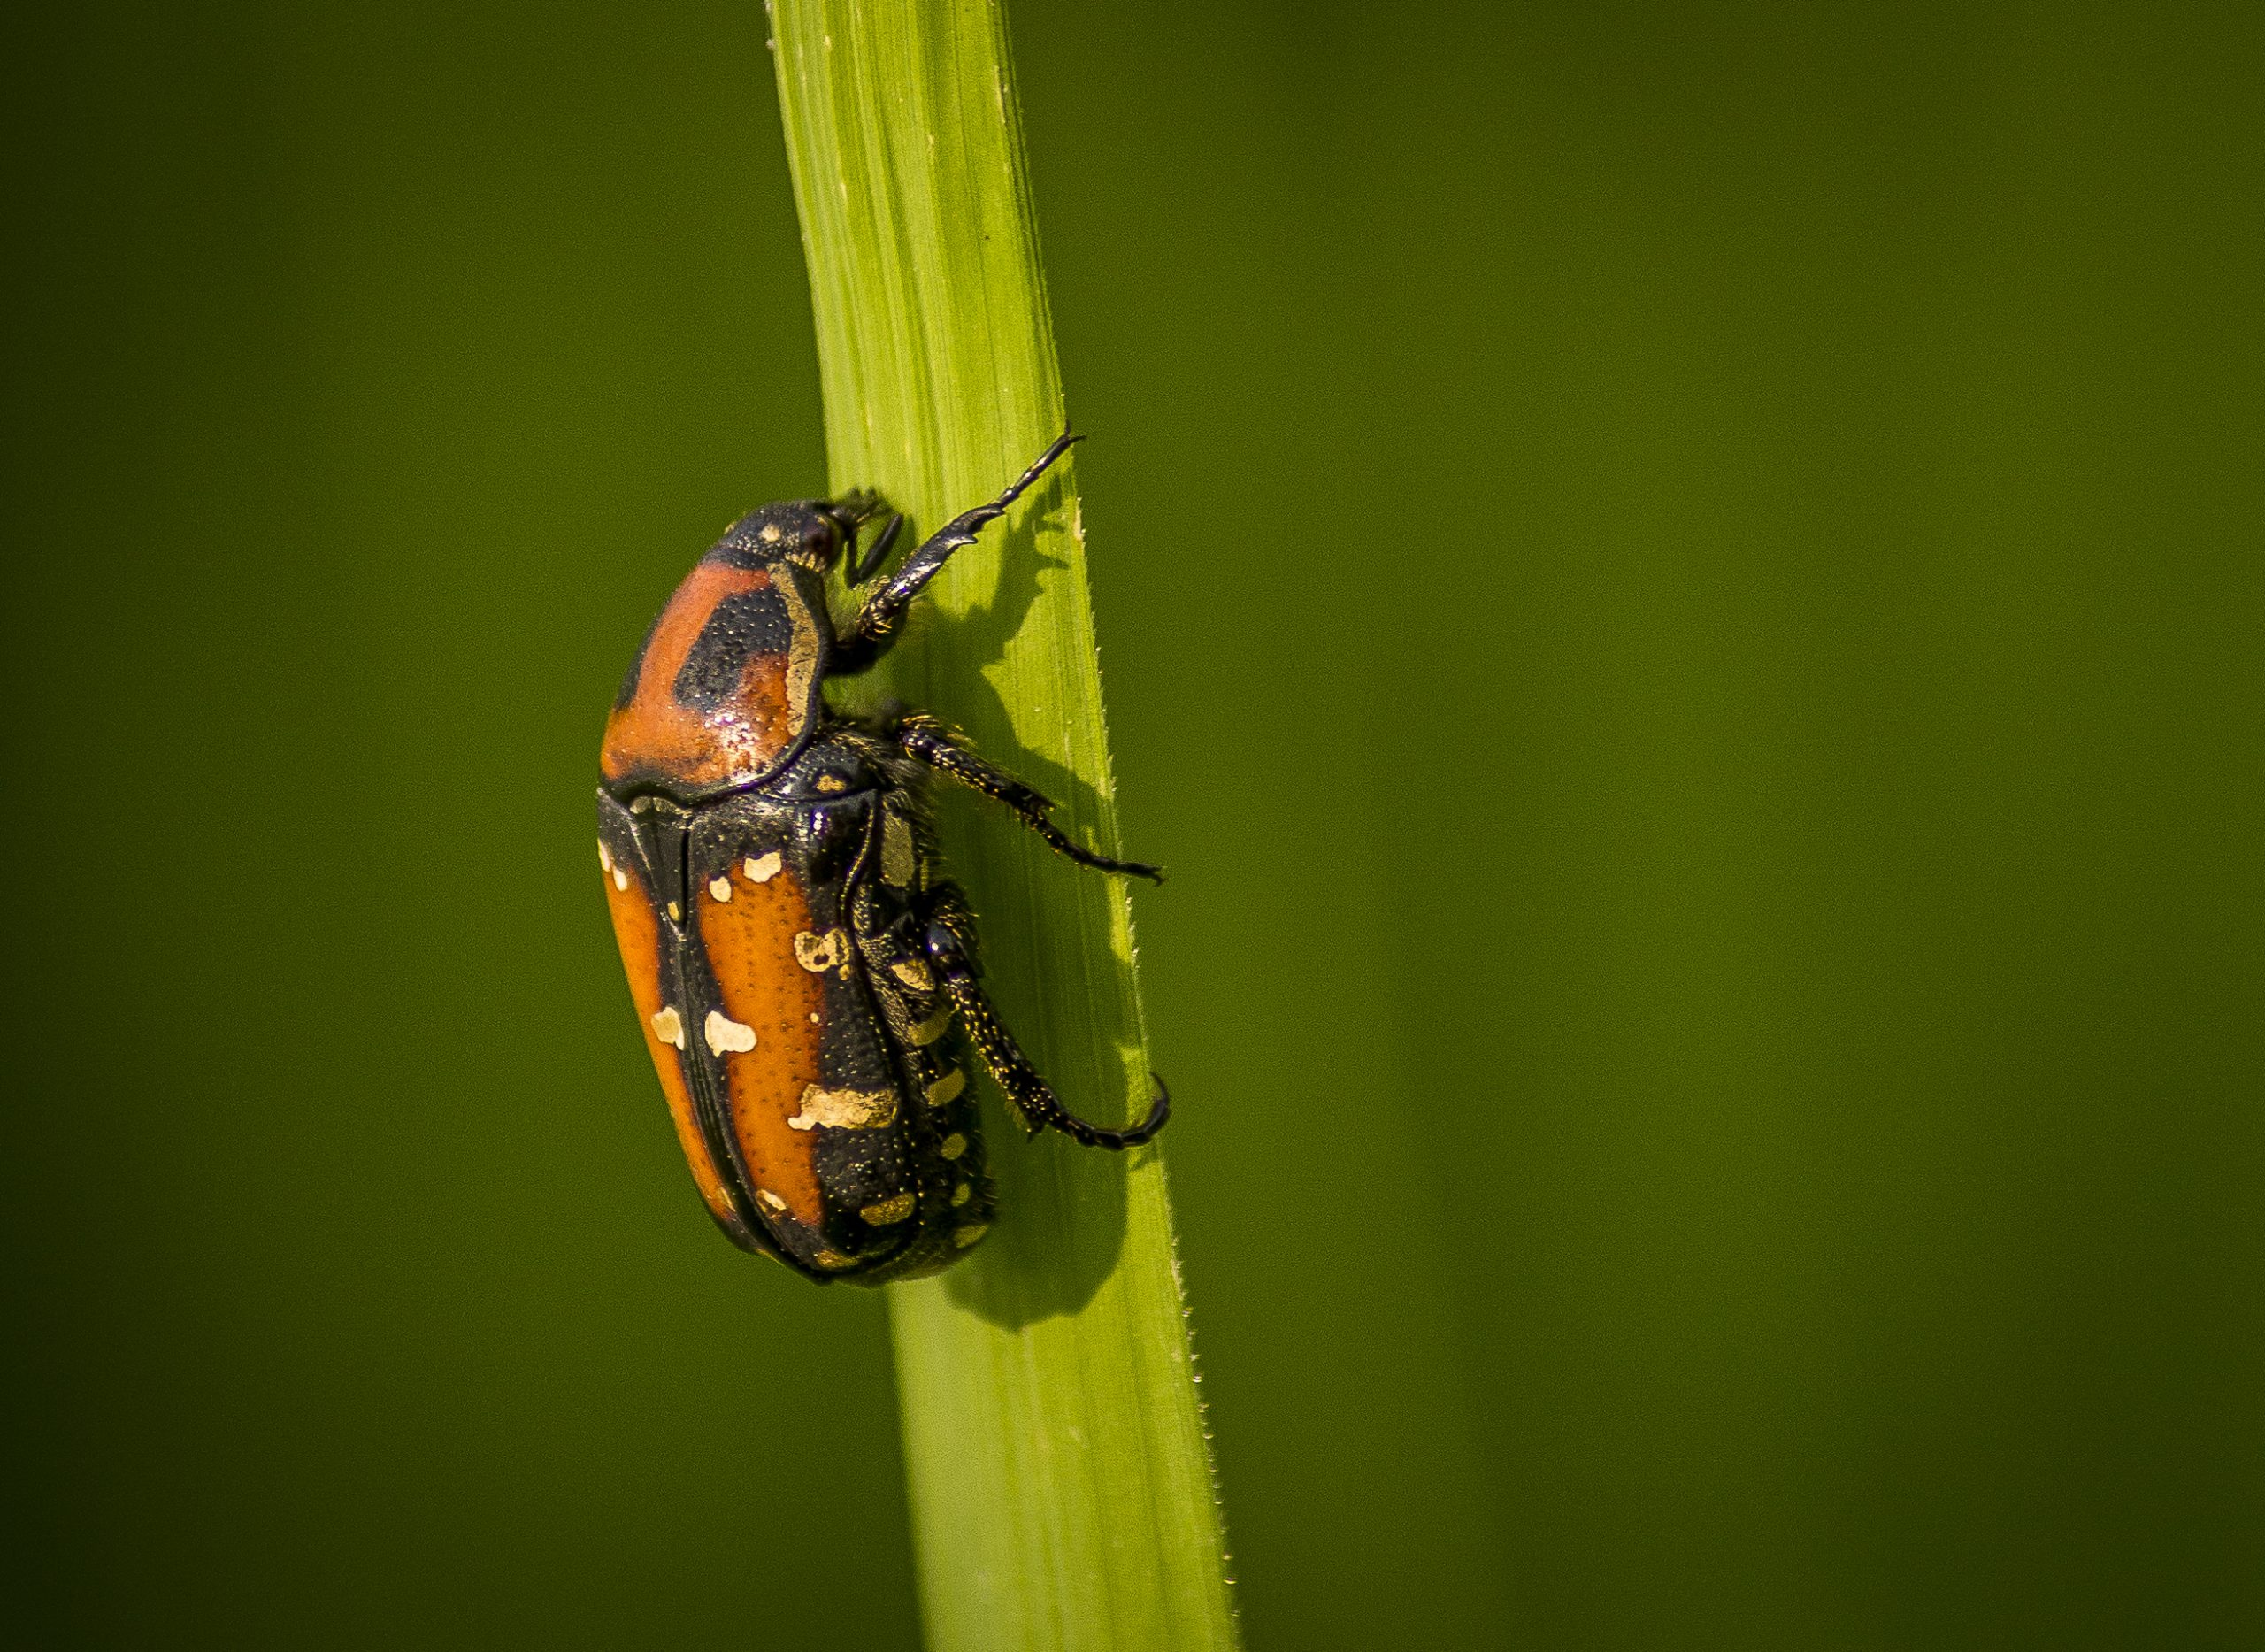 A shield Bug on a Twig